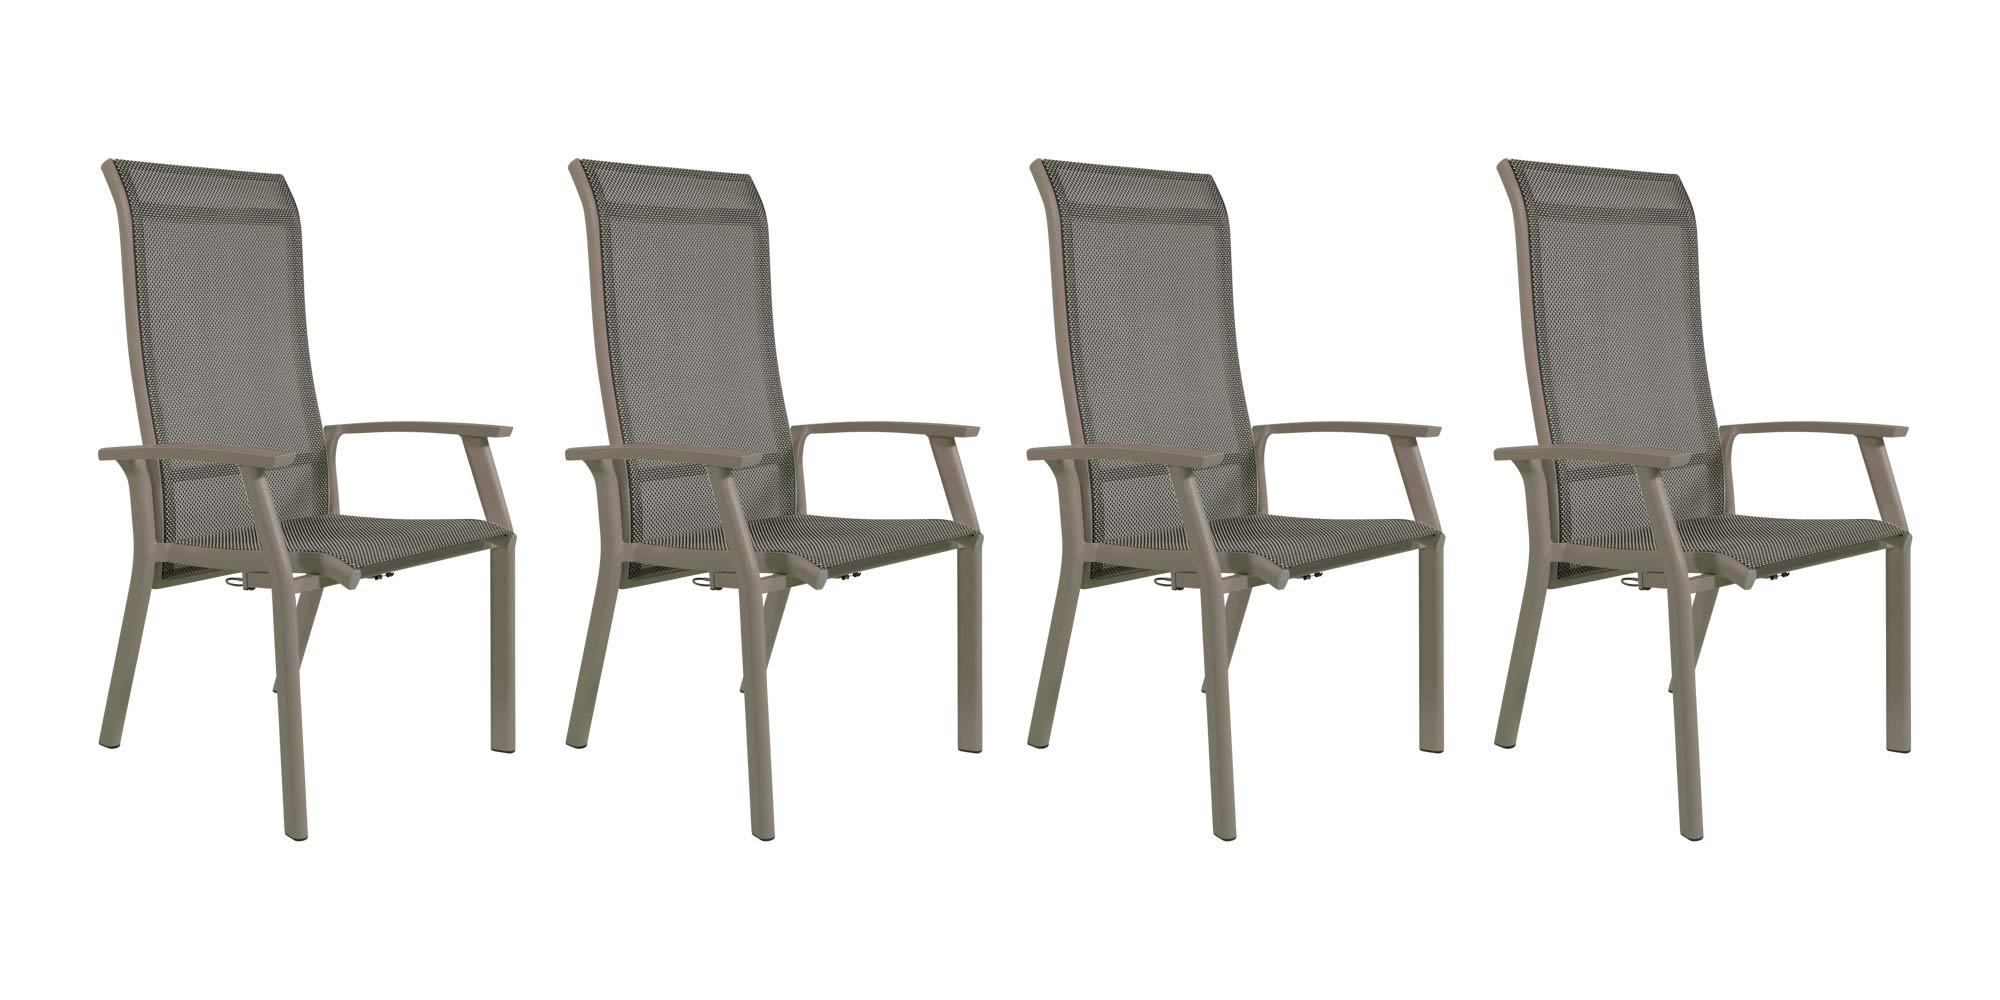 Lifestyle4Living Gartenstühle mit Textylenbezug in beige und einem Gestell aus Aluminium in beige, Rückenlehne verstellbar, 4er-Set, Maße: B/H/T ca. 58,5/112,5/65 cm